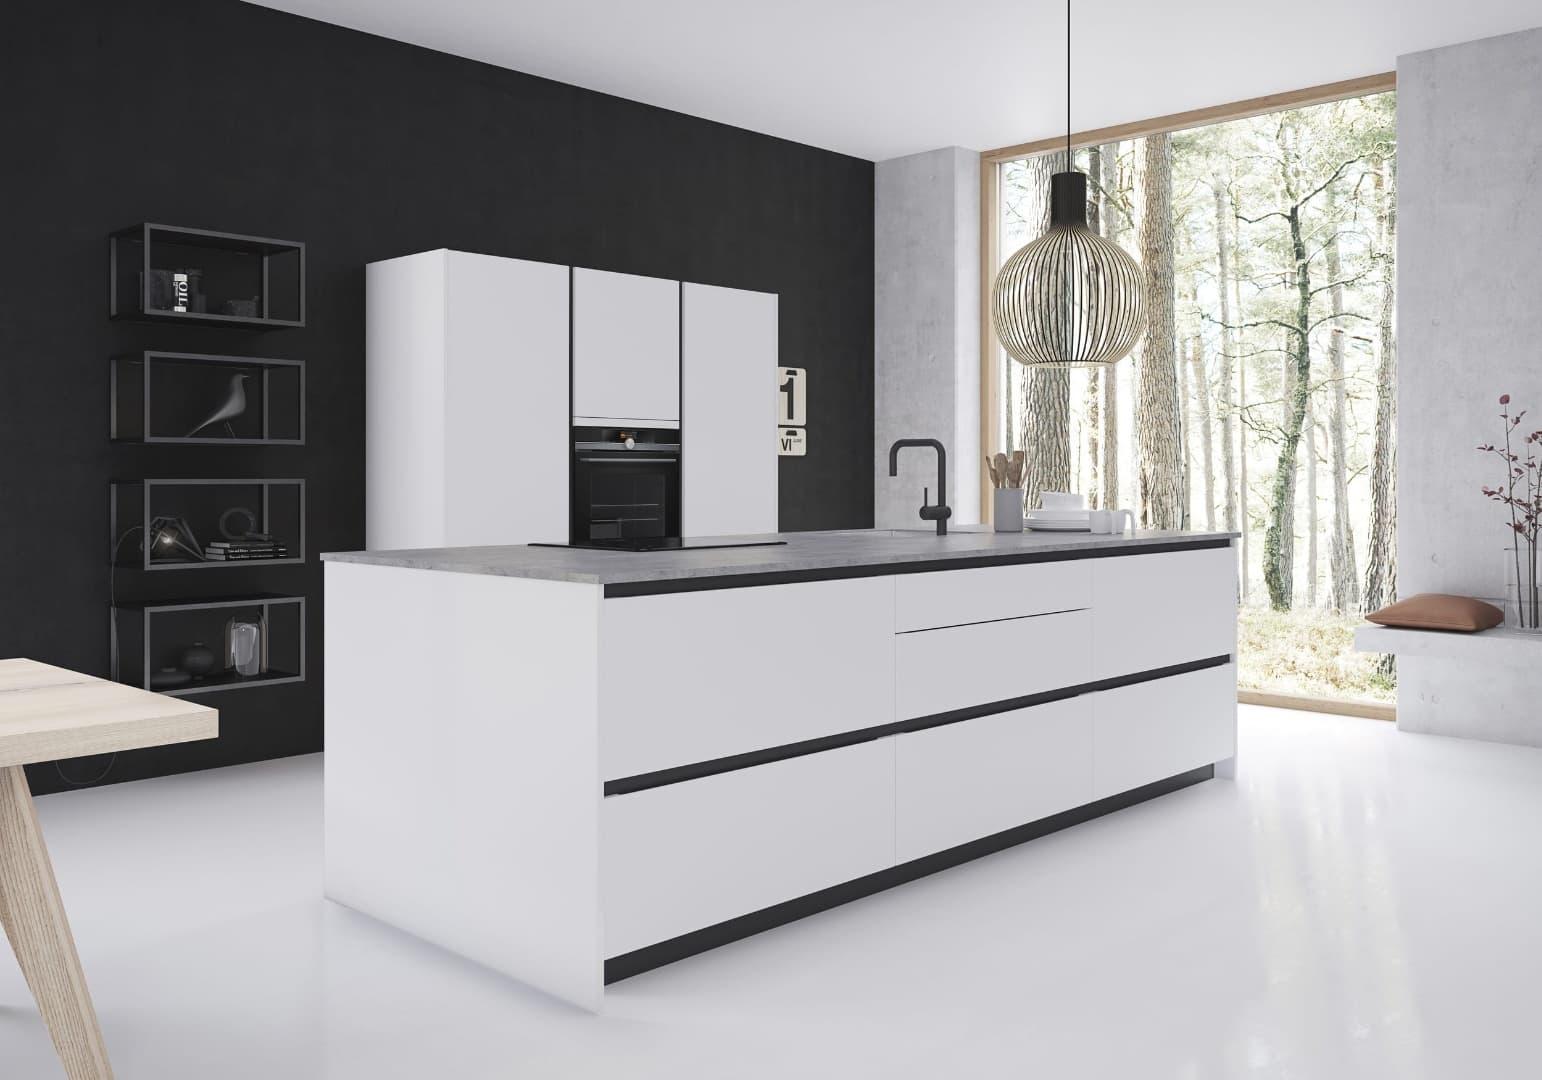 Tinta kitchen main.jpg